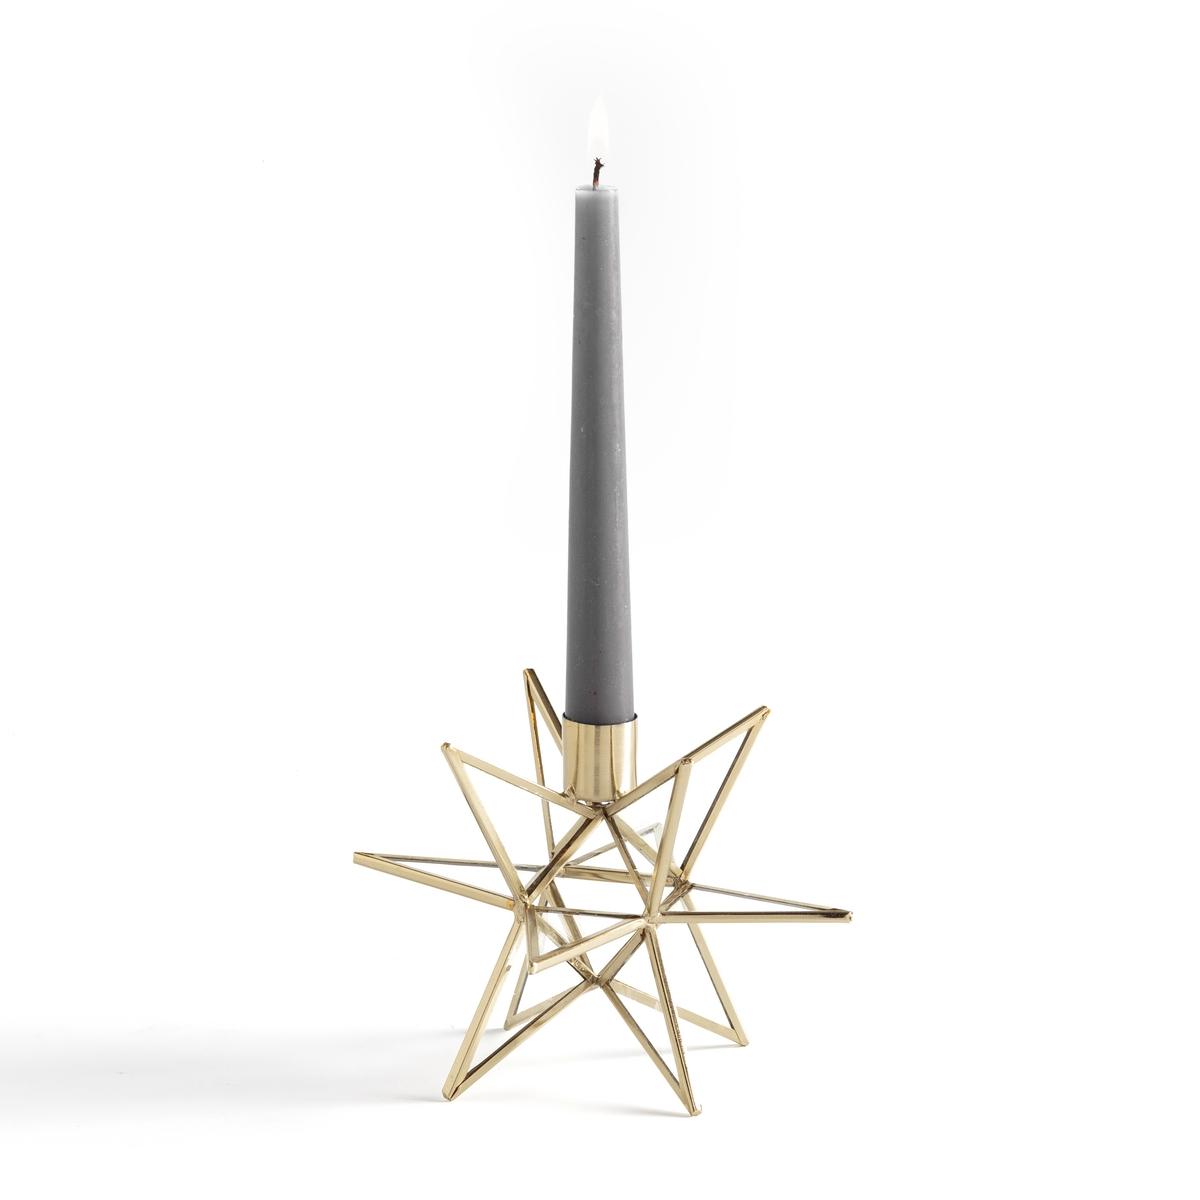 Подсвечник из стекла и металла, Estello arti m свеча подсвечник puilisso 15 см